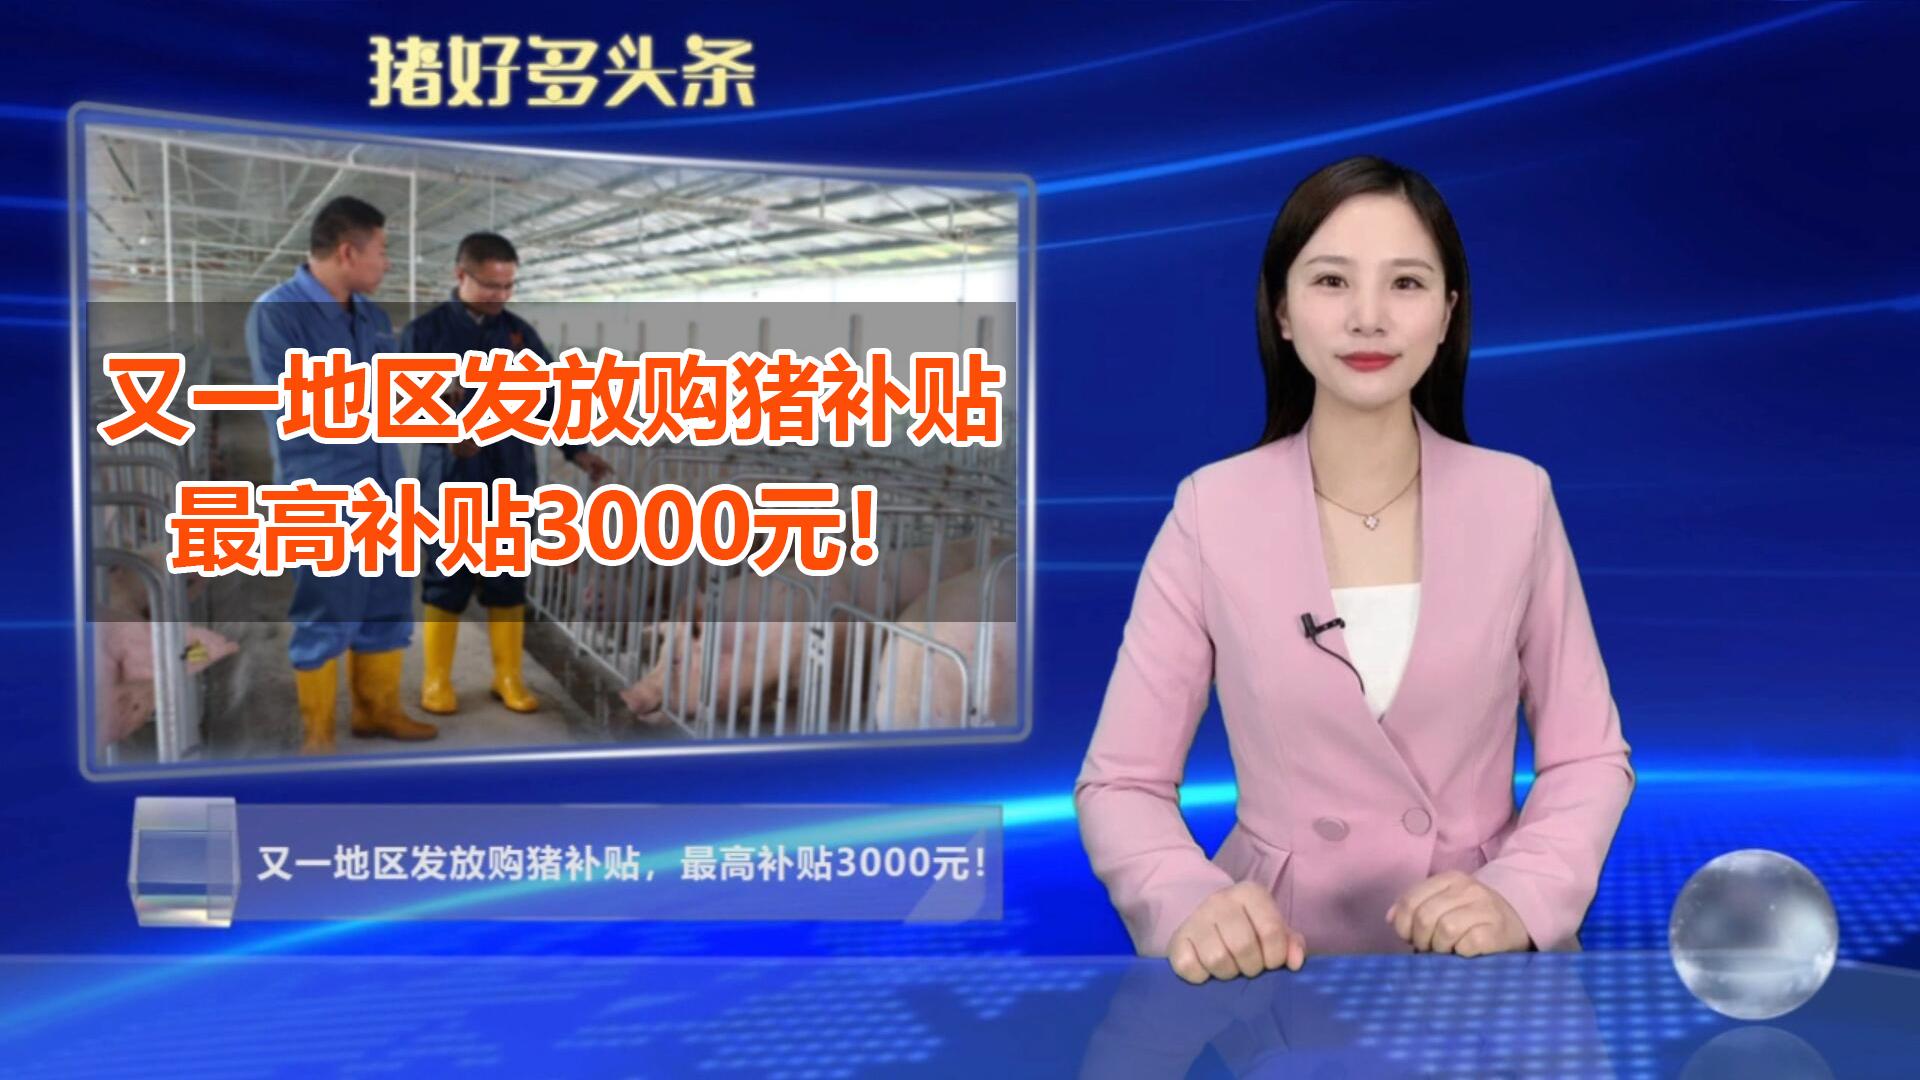 好消息!又一地区发放购猪补贴,最高补贴3000元/头!